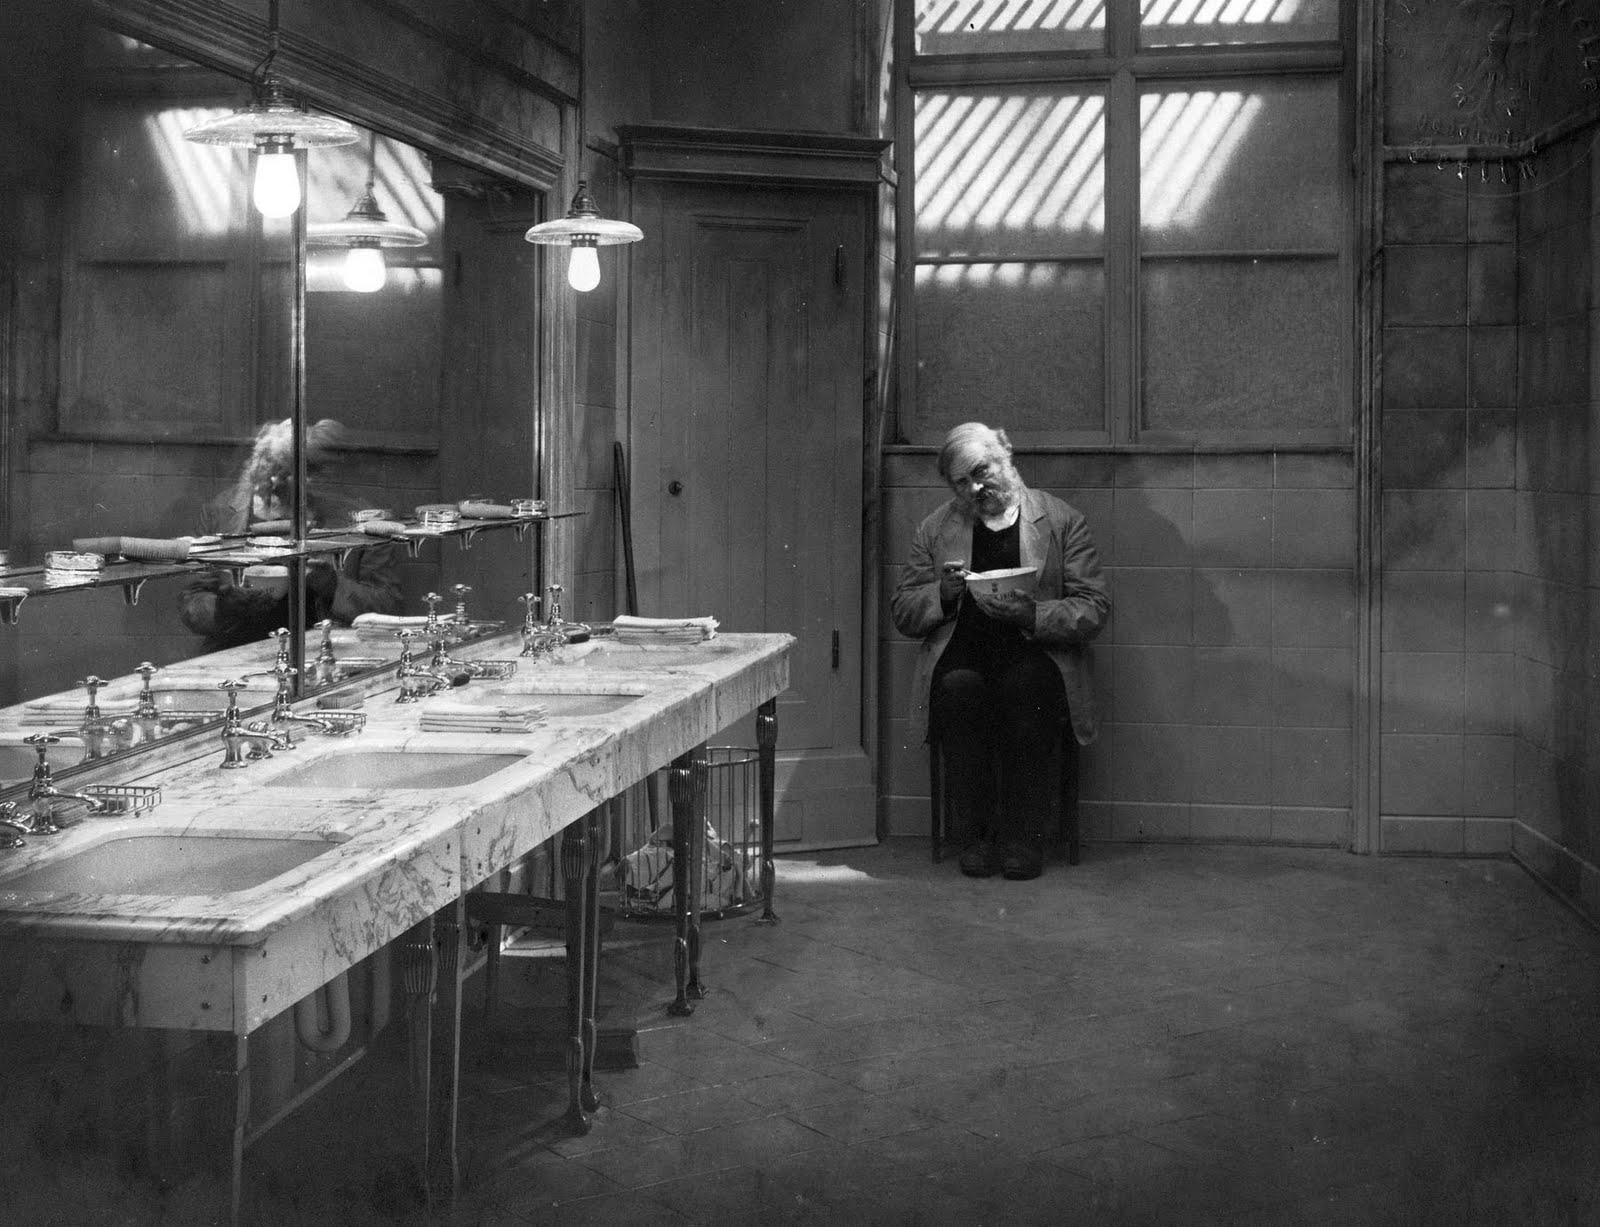 The Doorman (Emil Jannings) relegated to washroom clerk.